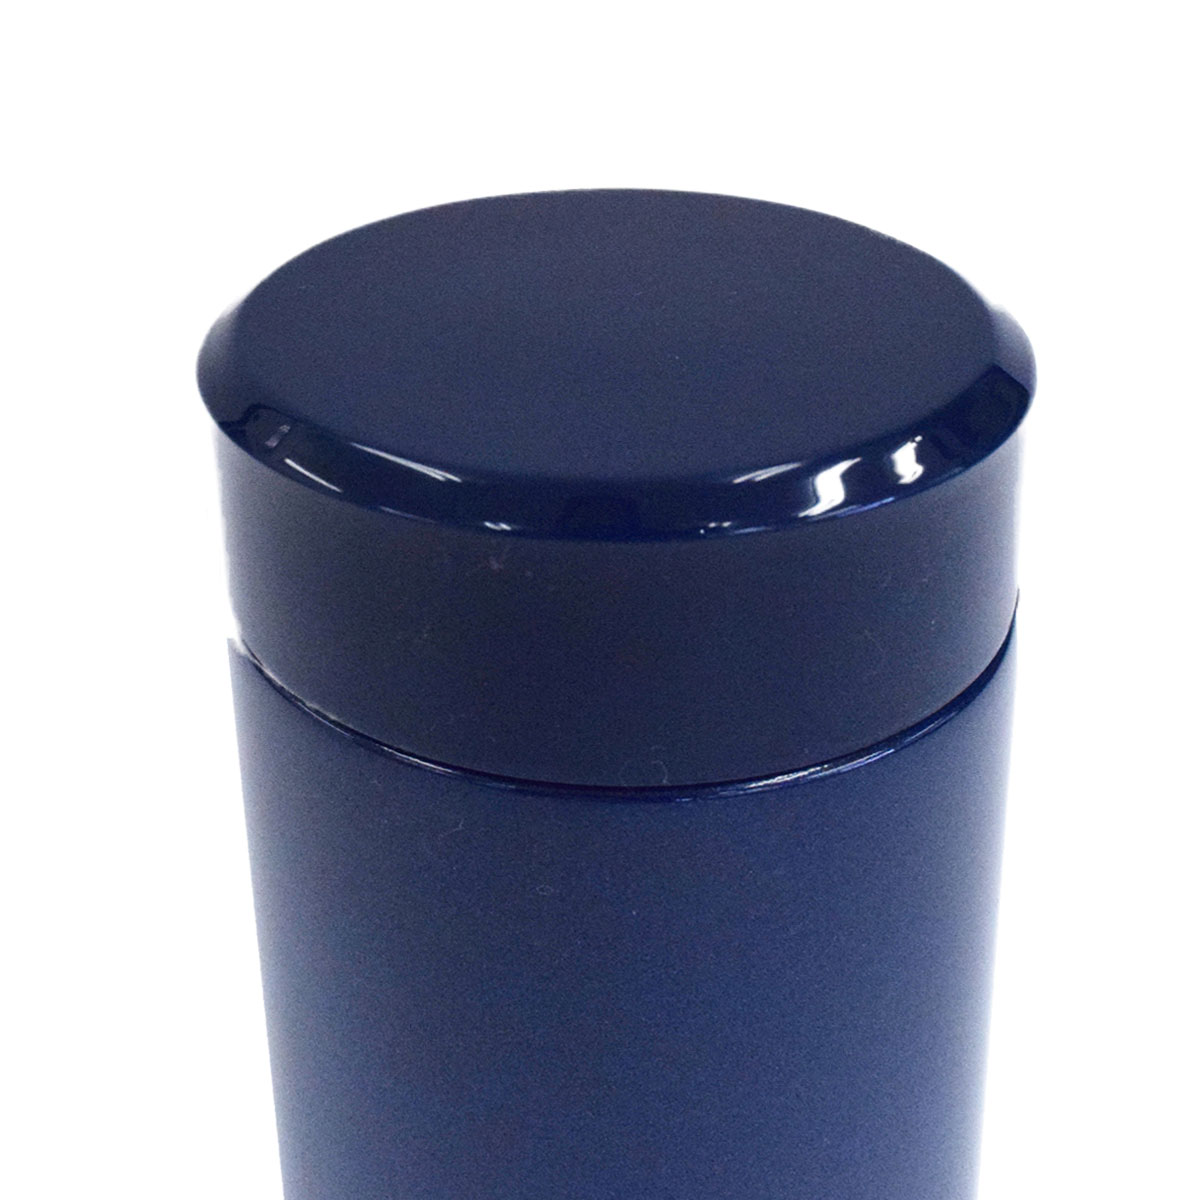 エアリスト ステンレス製 超軽量スリムボトル 400ml